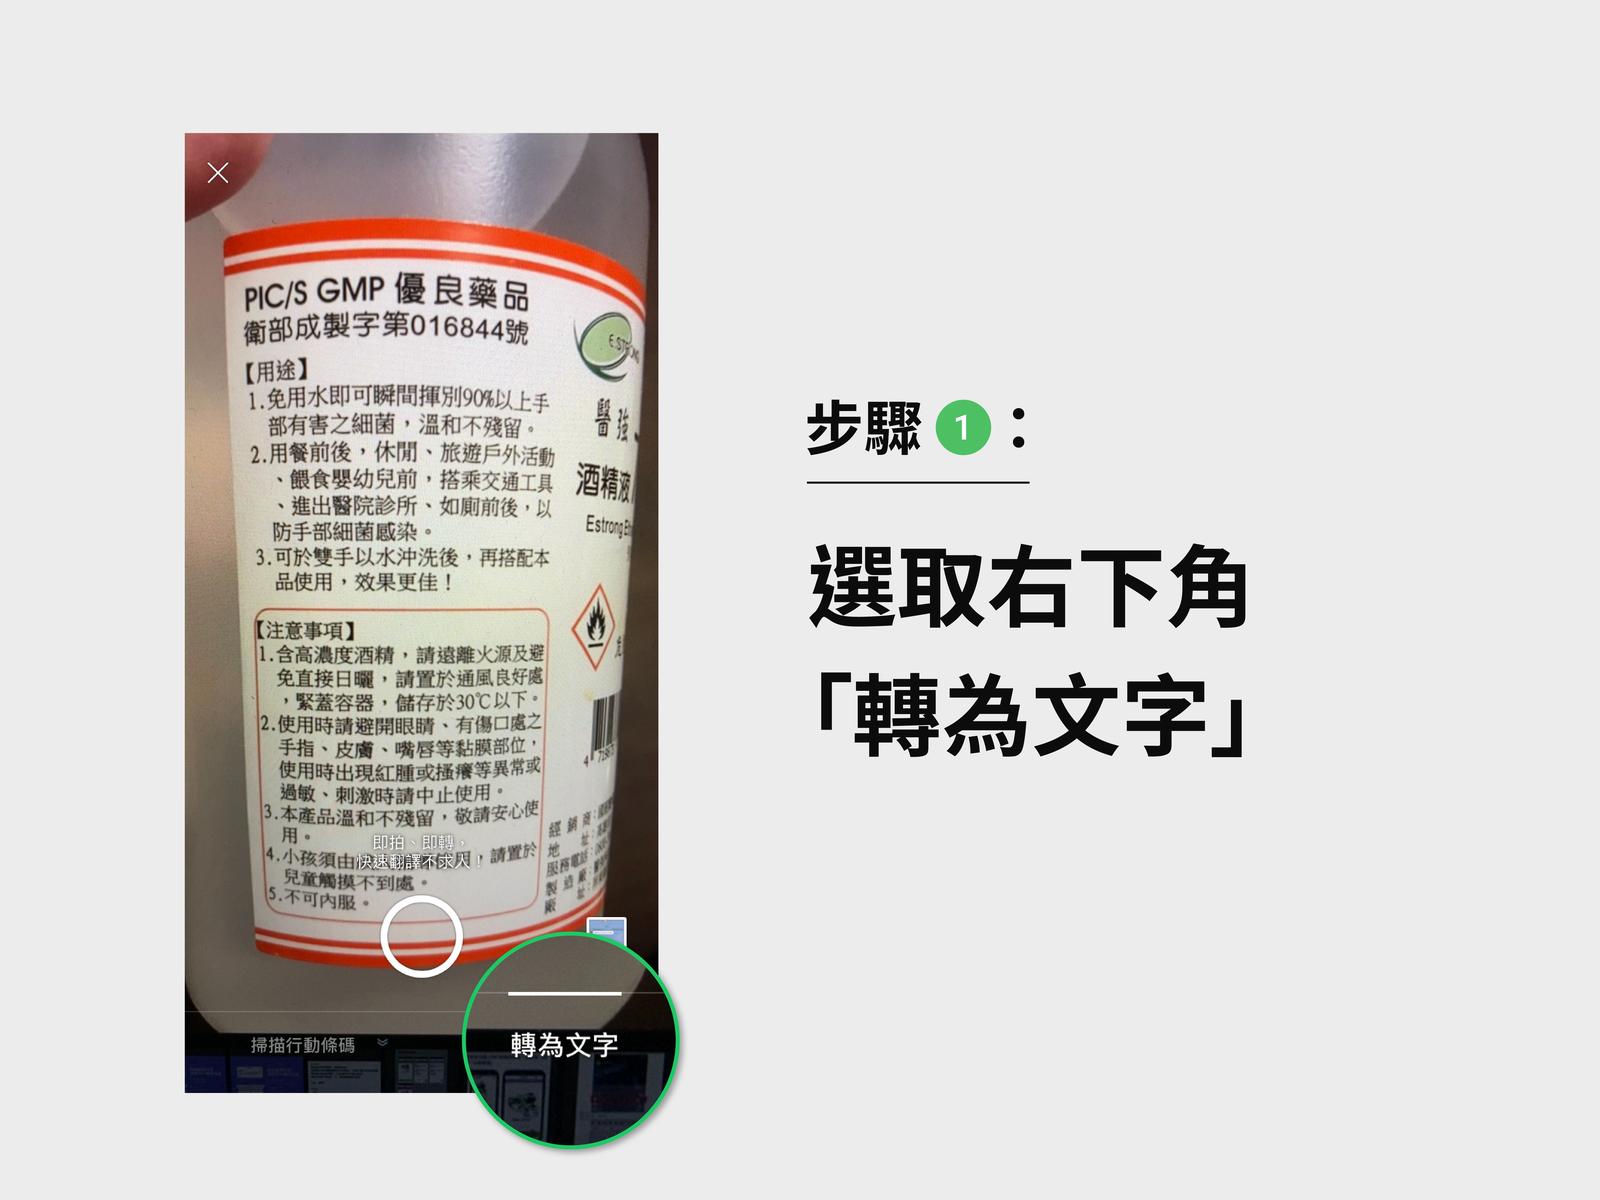 [原來如此] LINE實用技:掃碼功能隱藏小技巧,一拍輕鬆擷取、翻譯文字